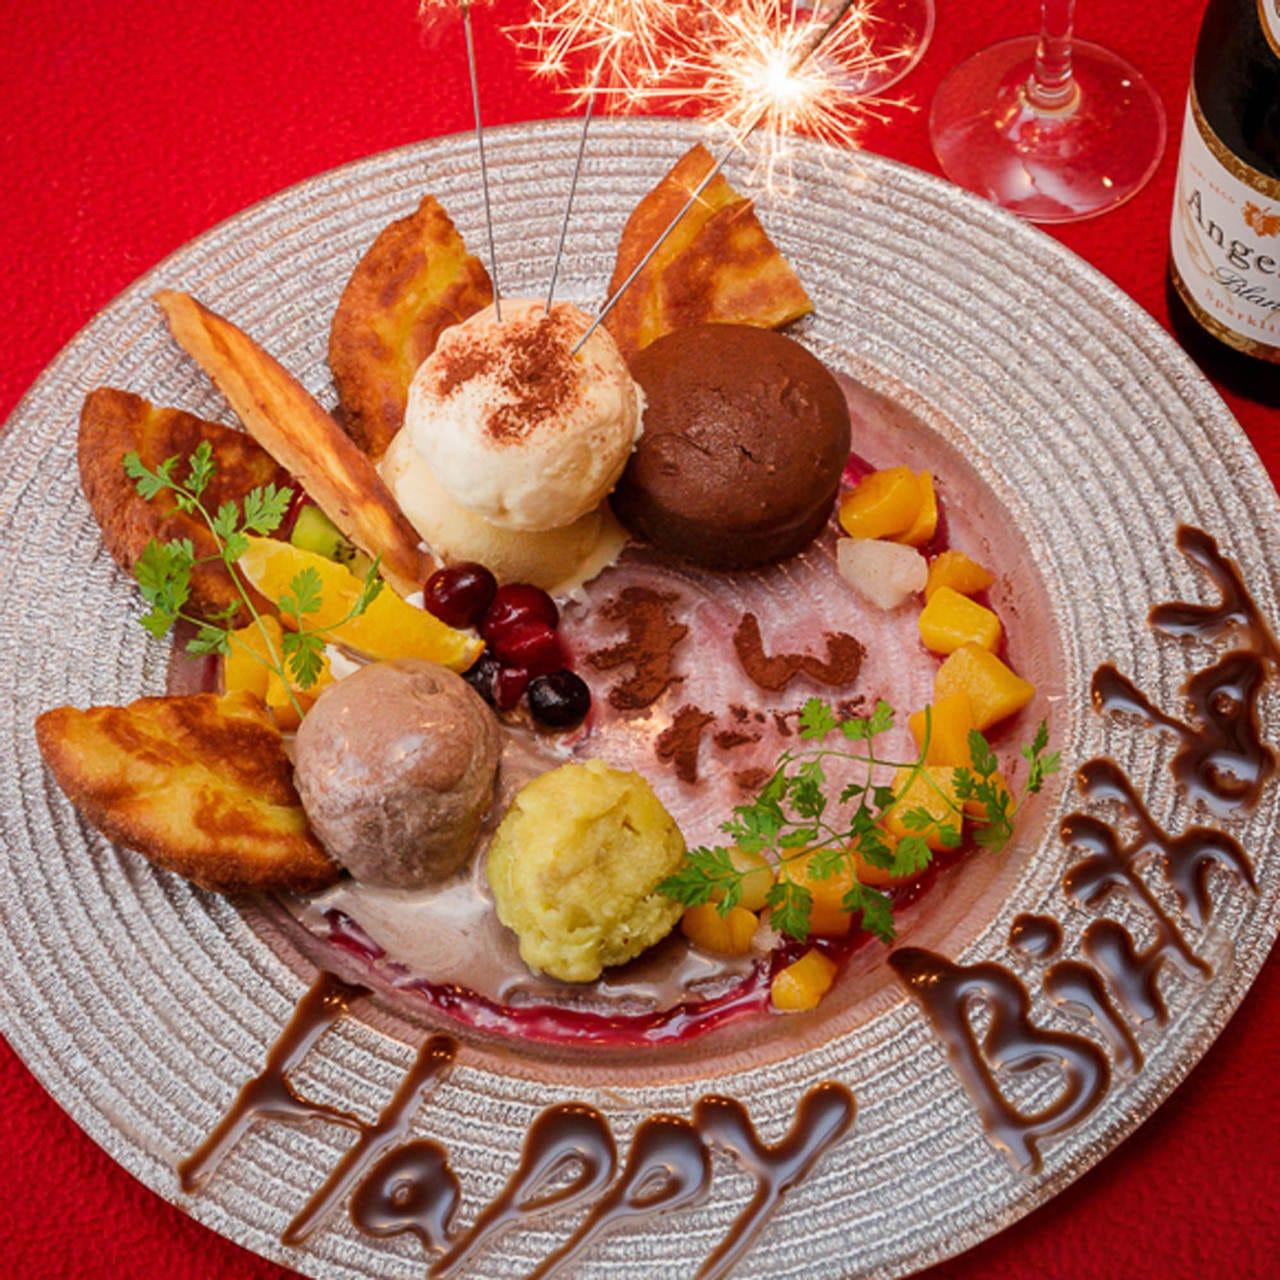 お誕生日や歓送迎会のザプライズに。